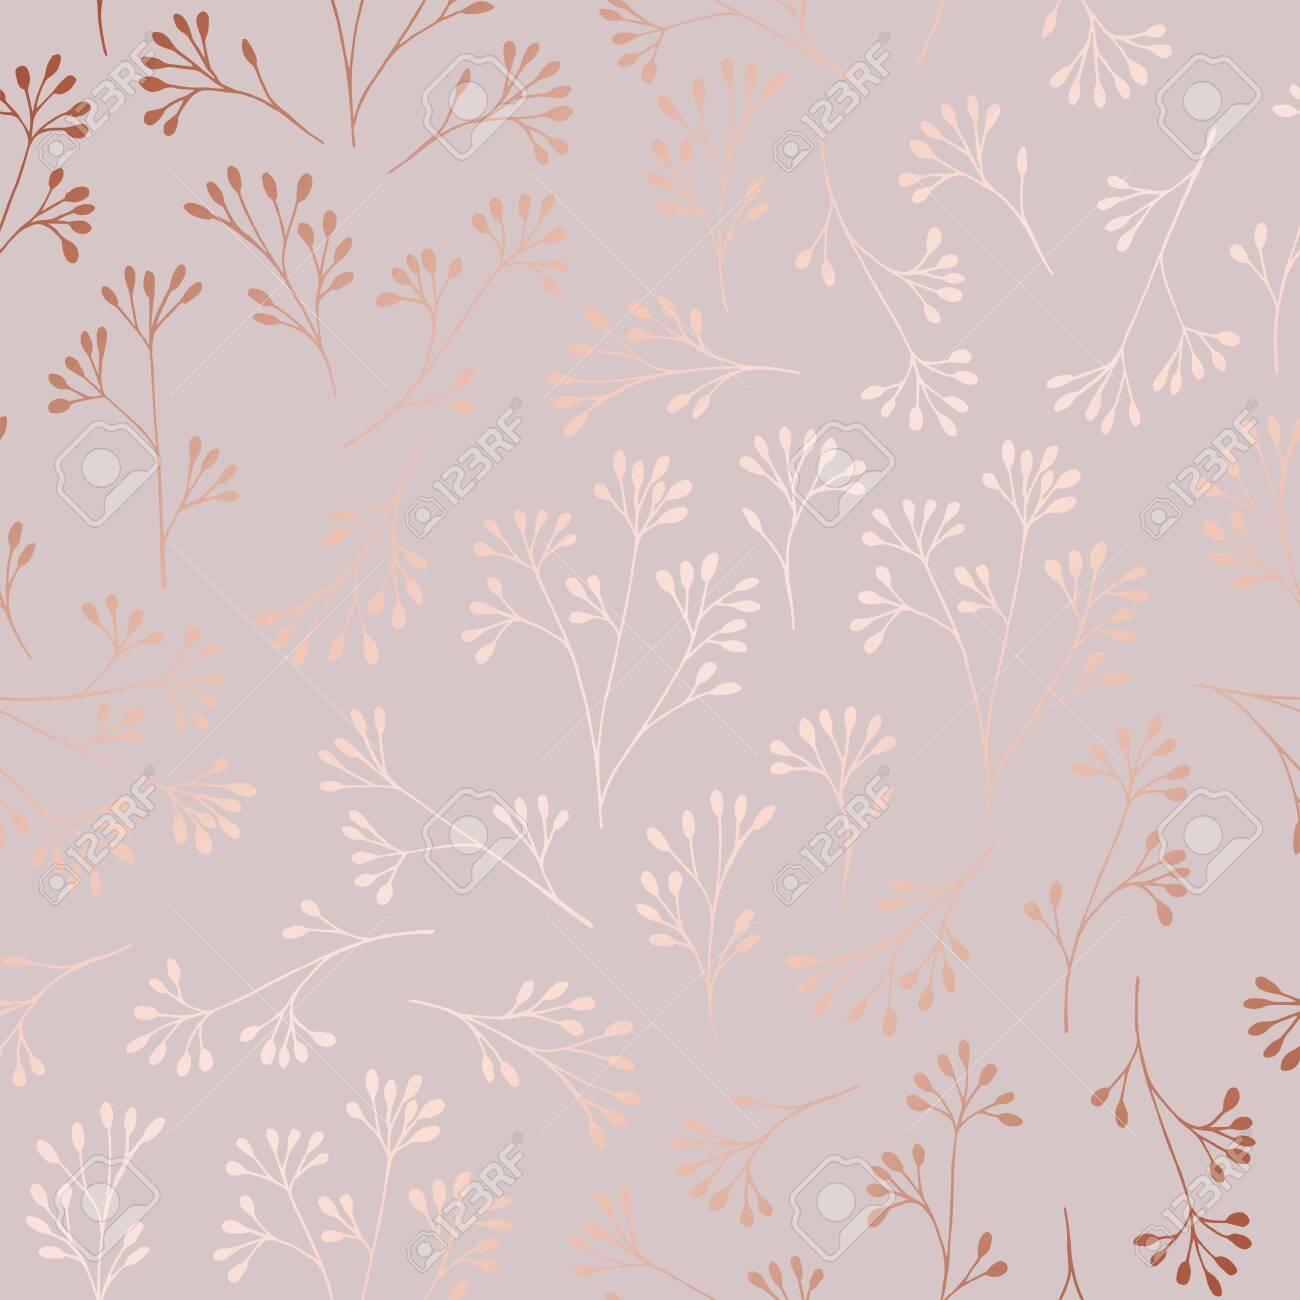 Rose Gold Elegant Decorative Floral Pattern For Printing Sales